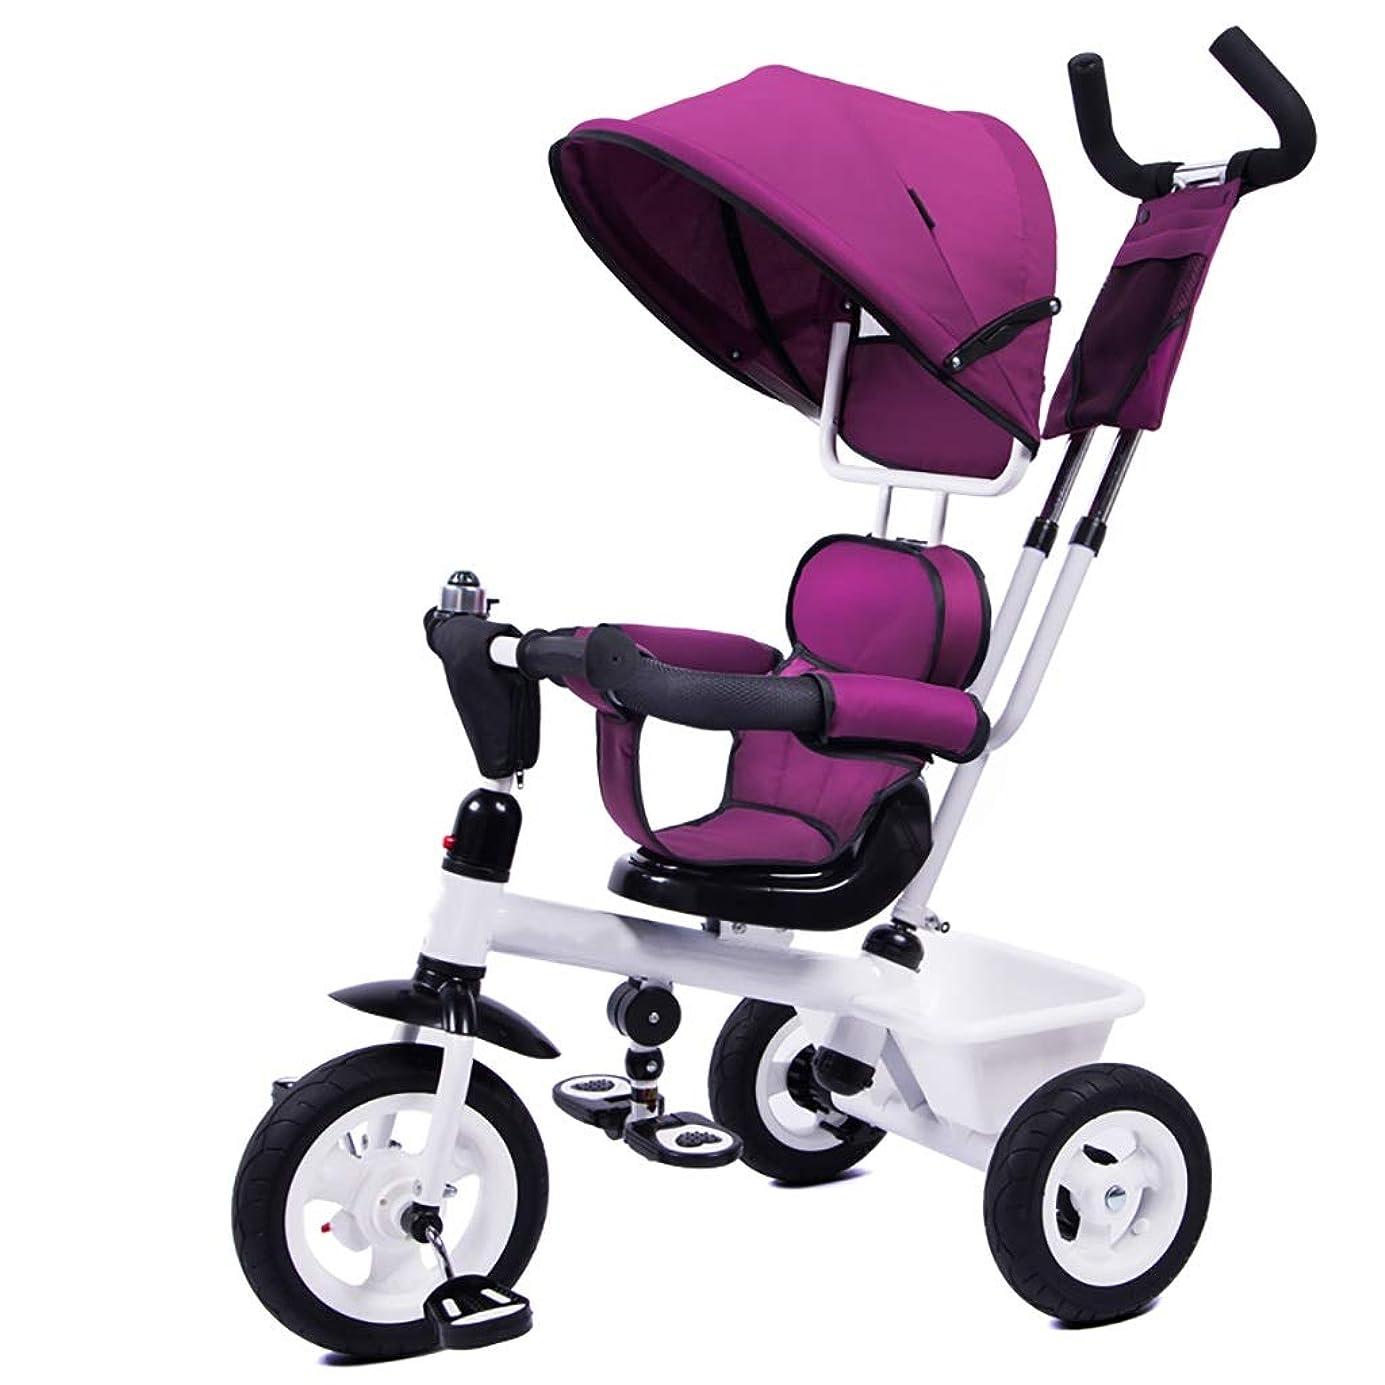 株式ロープ平行NBgy 子供の屋外の三輪車、1-6歳の女の子はプッシュハンドルの三輪車との1に付き4人、子供の日曜日の陰のトライク、3色 (Color : Purple)